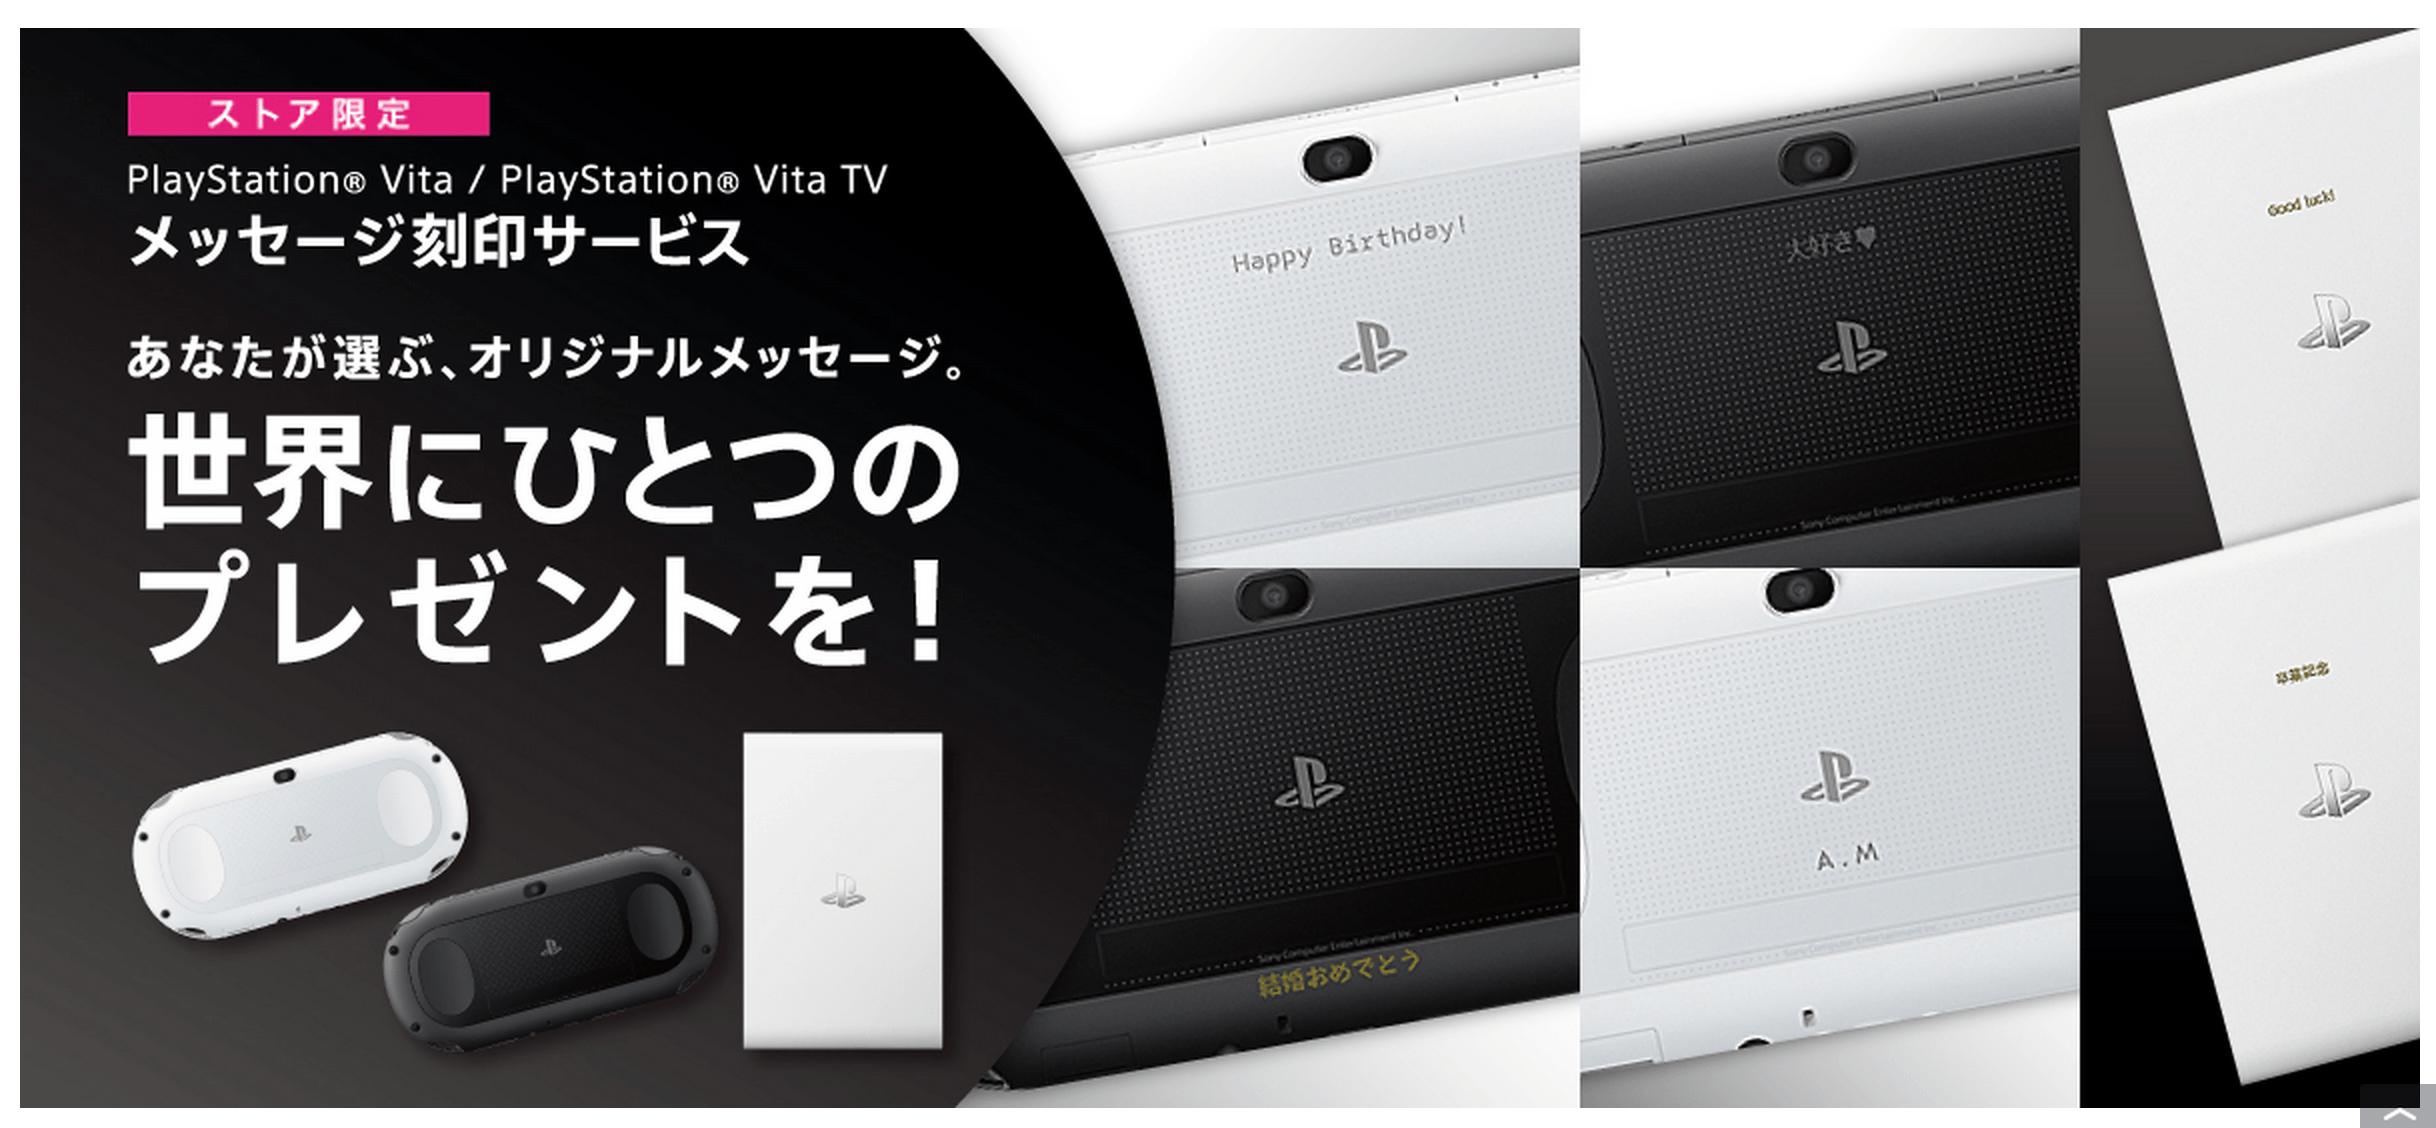 日本PS Store專享 PS Vita獨有刻字服務